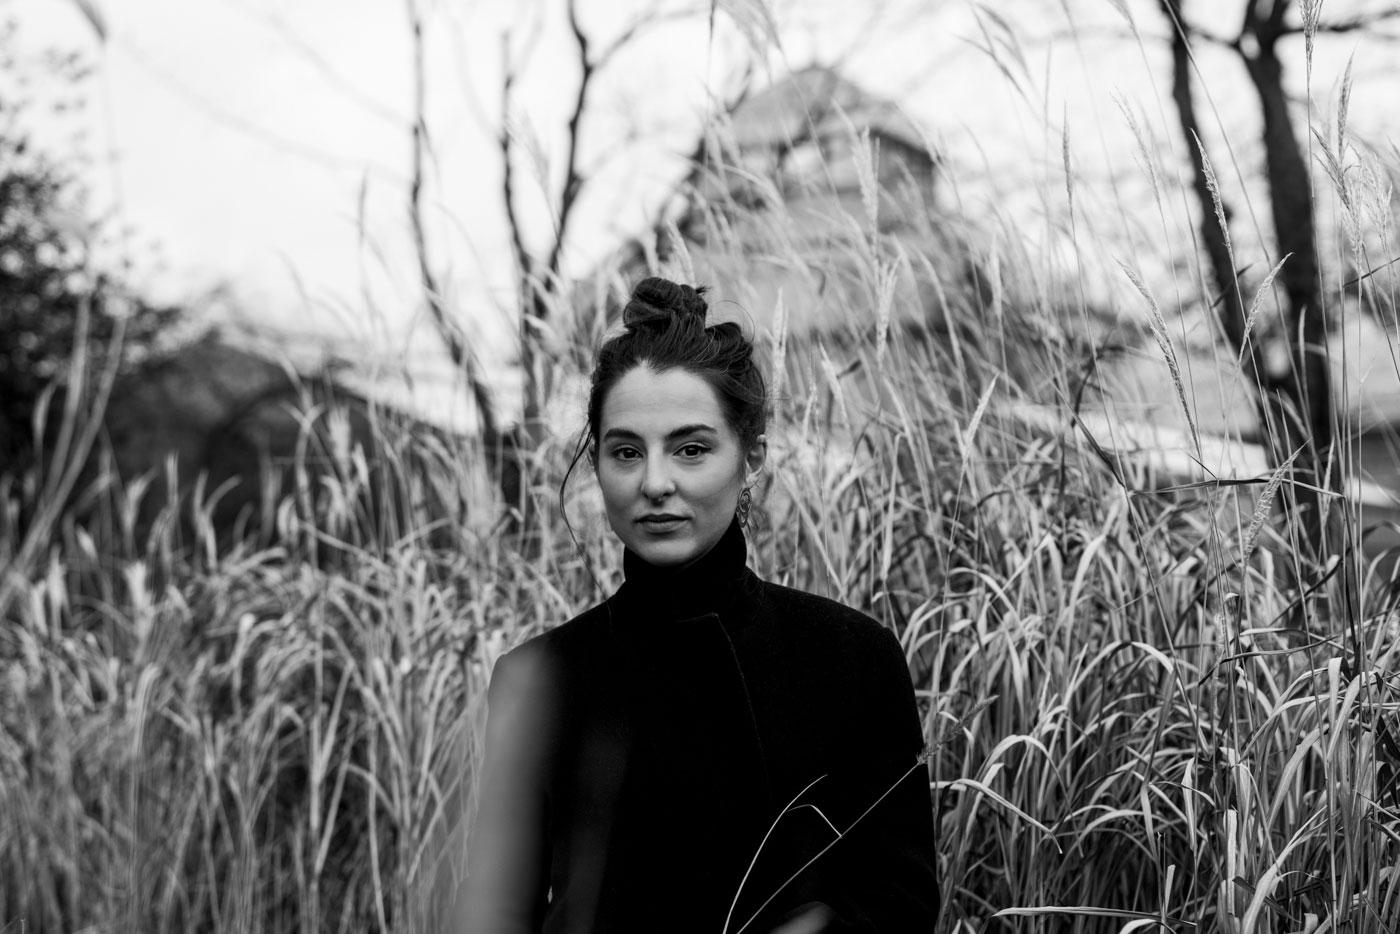 Margaux Gatti Photographe de Metz - La Femme dans la Ville de Metz - Projet Photo Portrait 2019 - Jardin Botanique